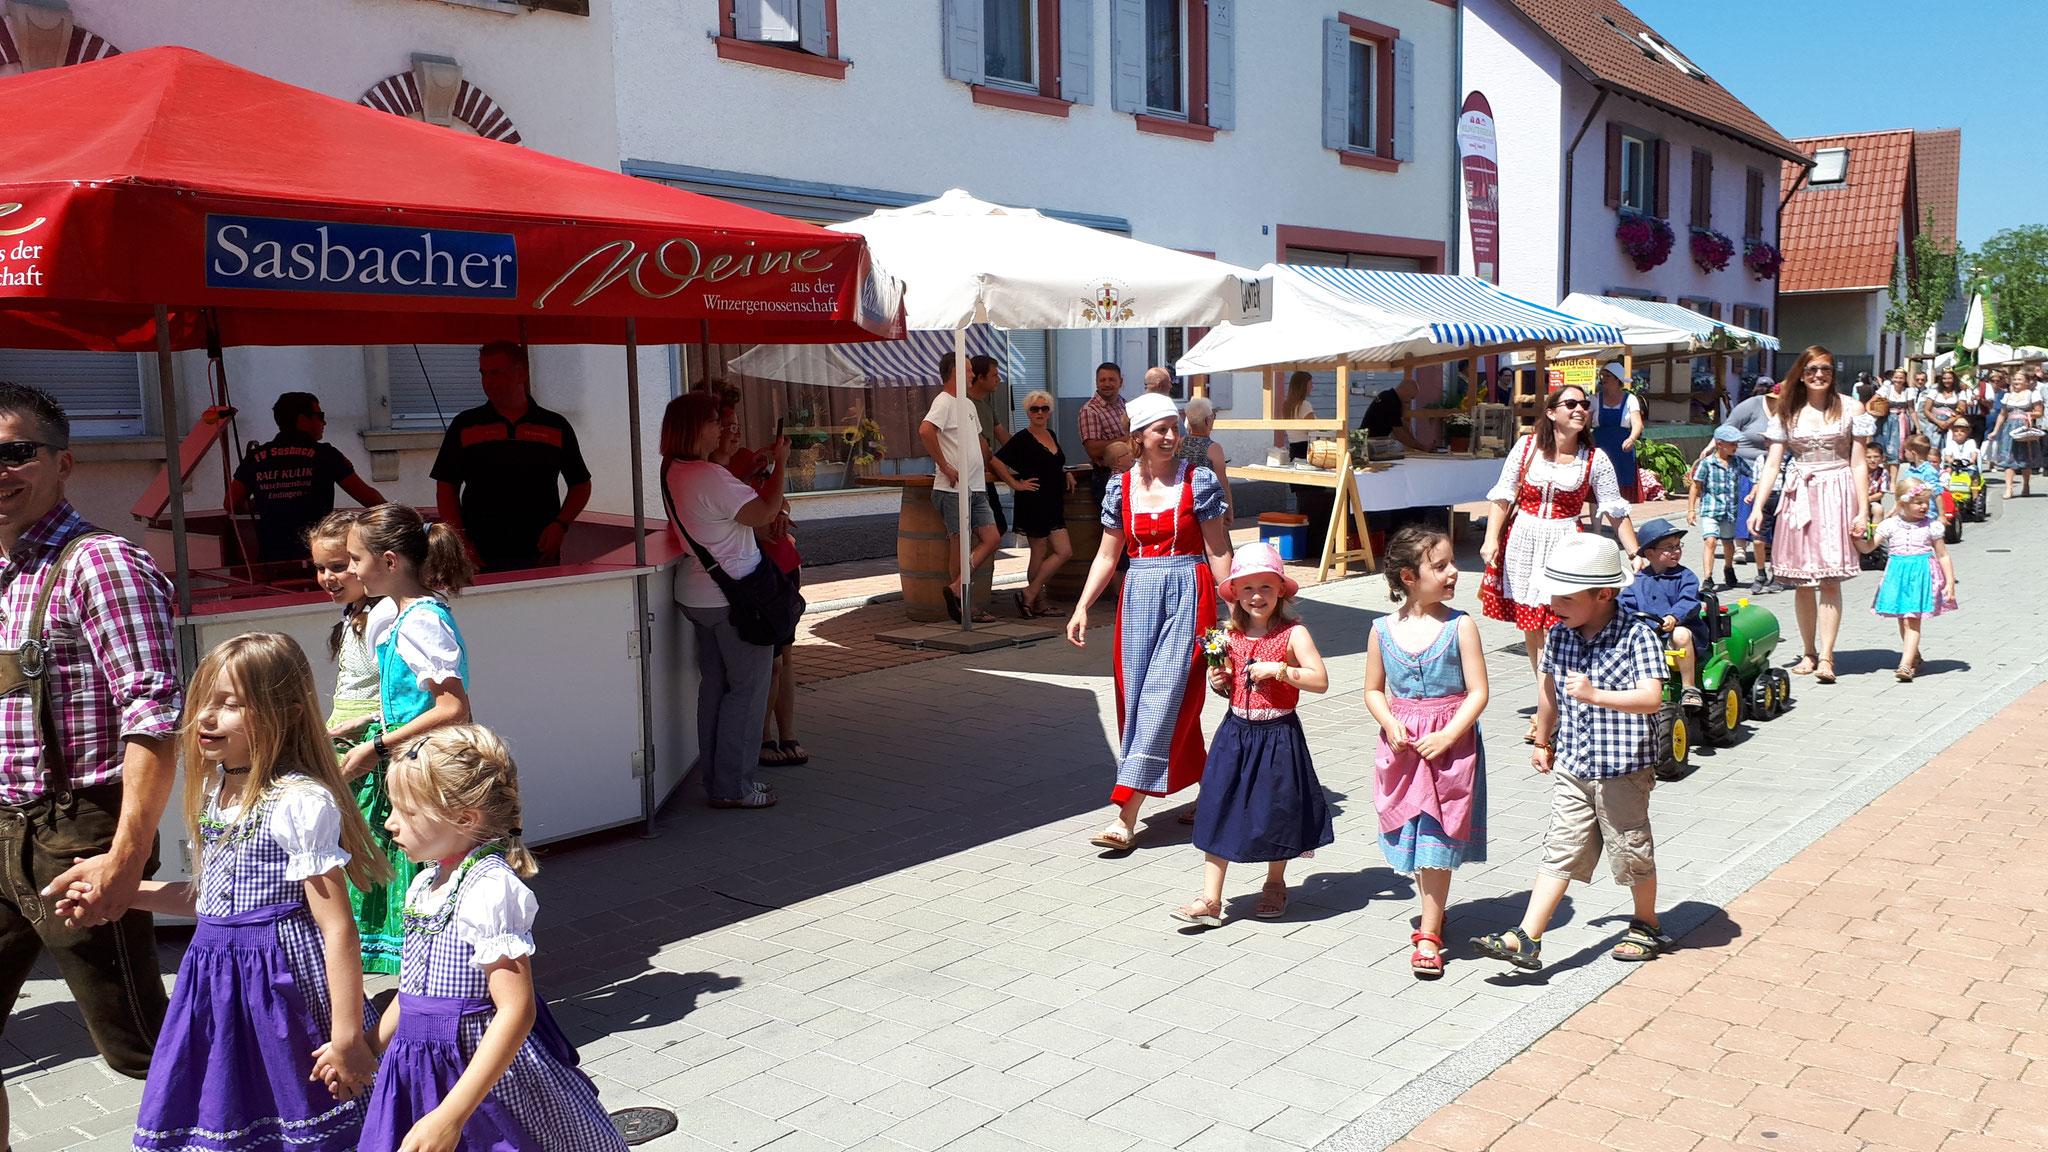 Kaiserstuhltage in Sasbach Juni 2018